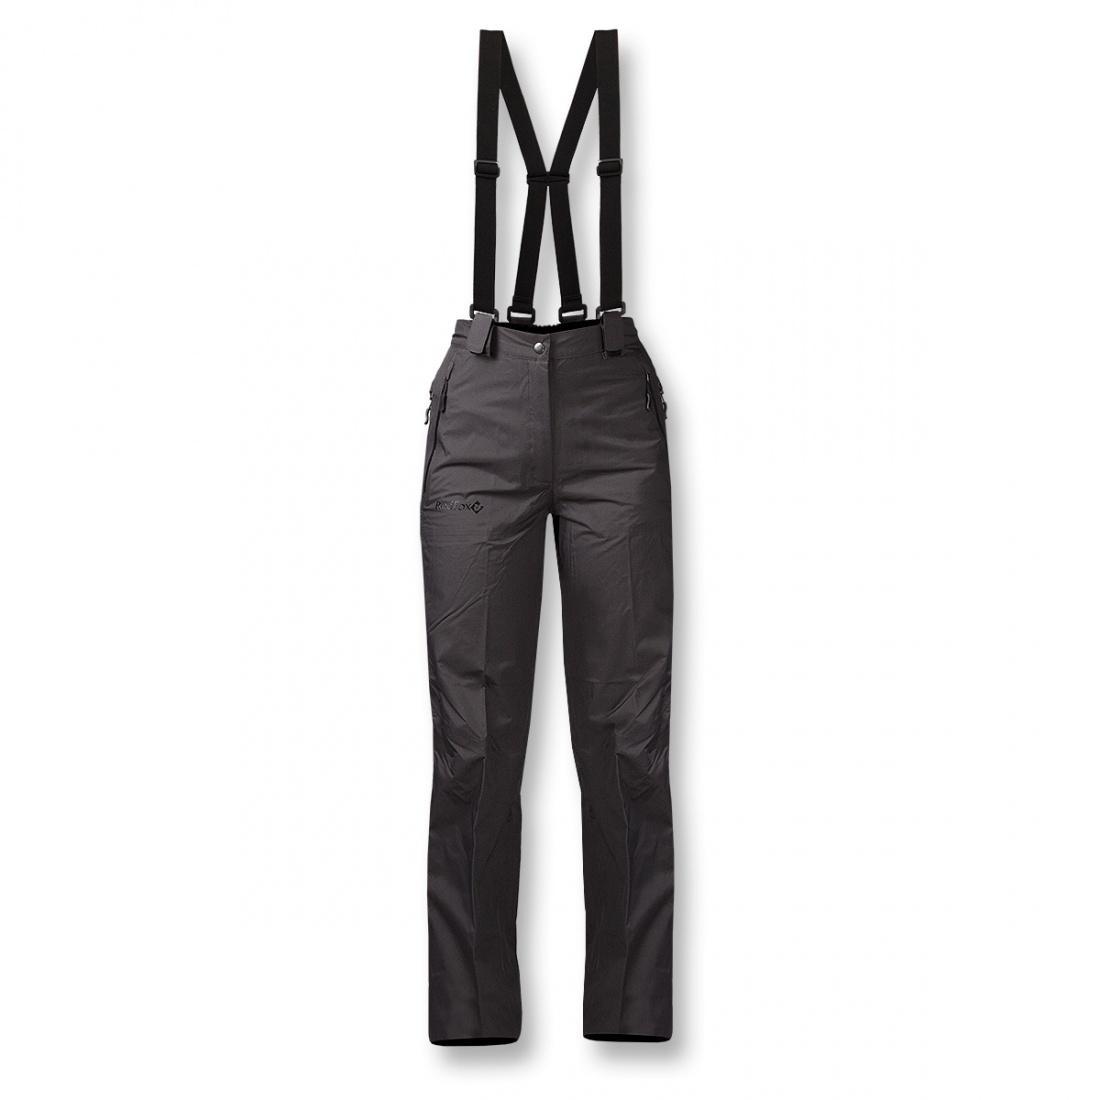 Брюки ветрозащитные Valencia ЖенскиеБрюки, штаны<br>Легкие штормовые брюки для женщин.  <br> <br> Серия Nordic Style <br>Треккинг, загородные выезды в дождливую погоду <br>Материал: Dry Factor 10000 2...<br><br>Цвет: Черный<br>Размер: 44